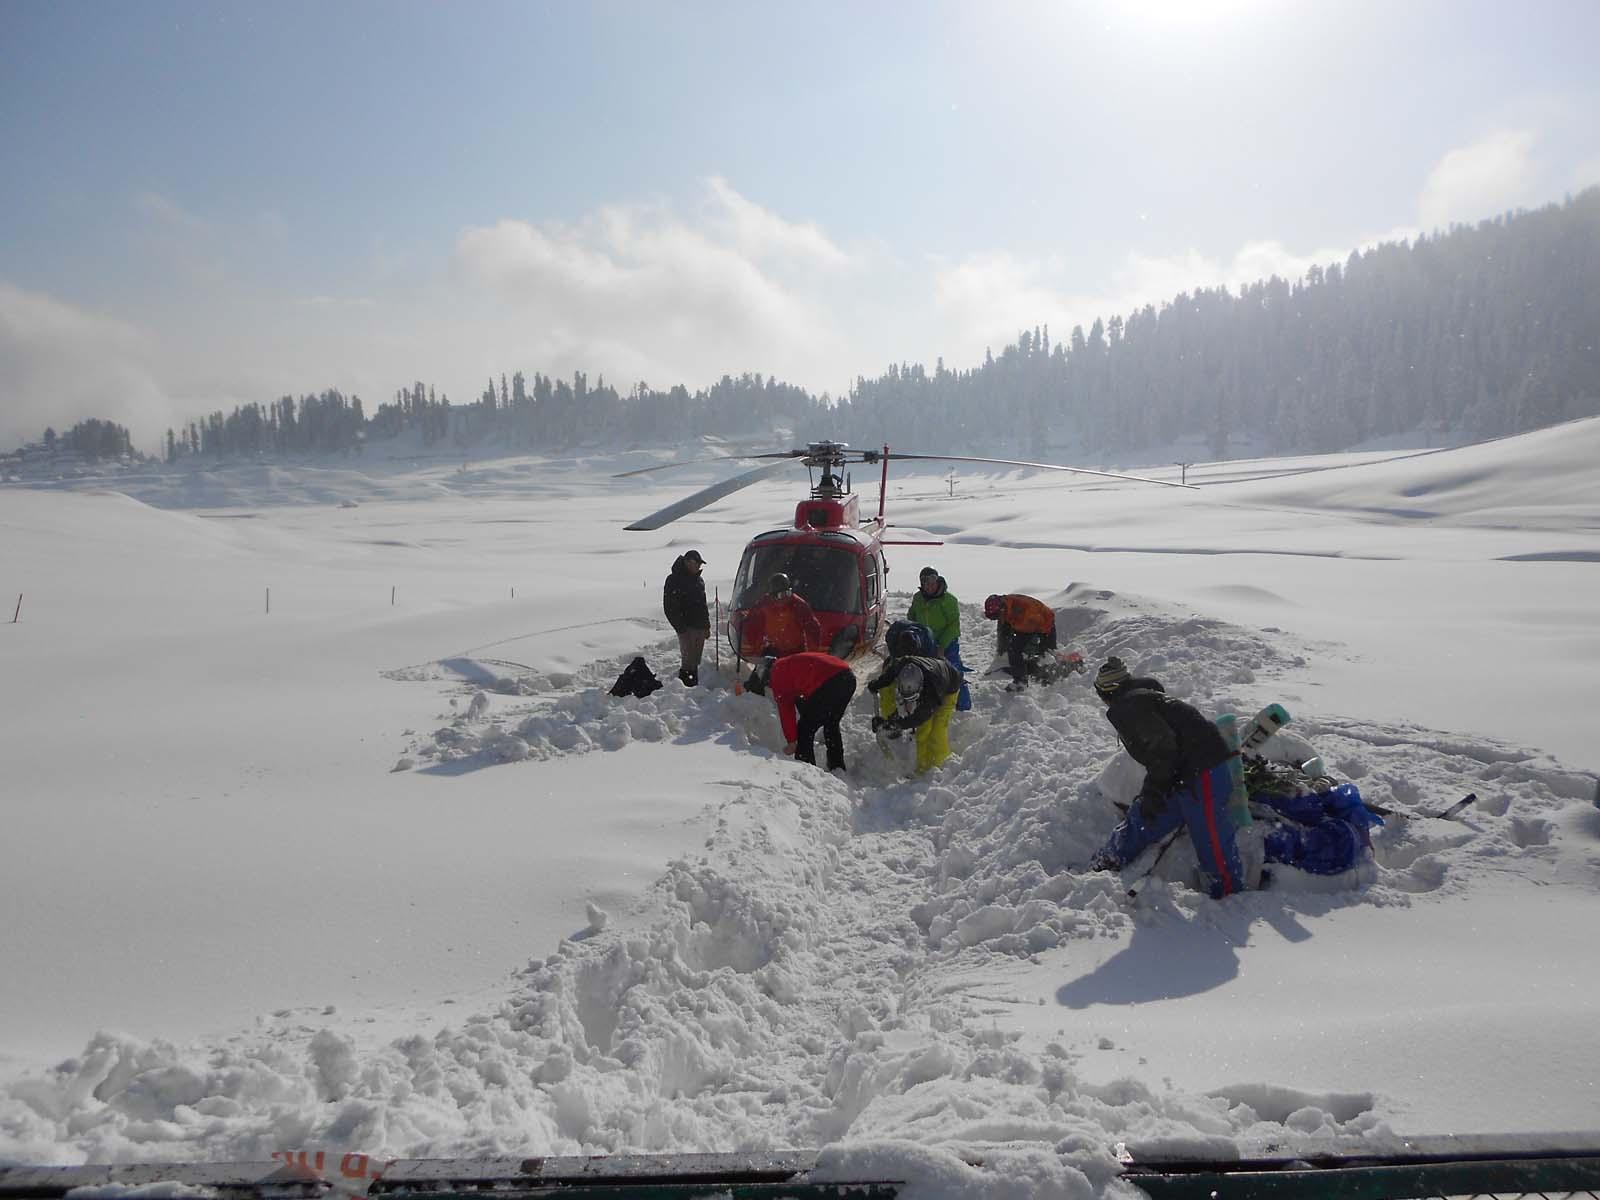 Kashmir Heli skiing Packages